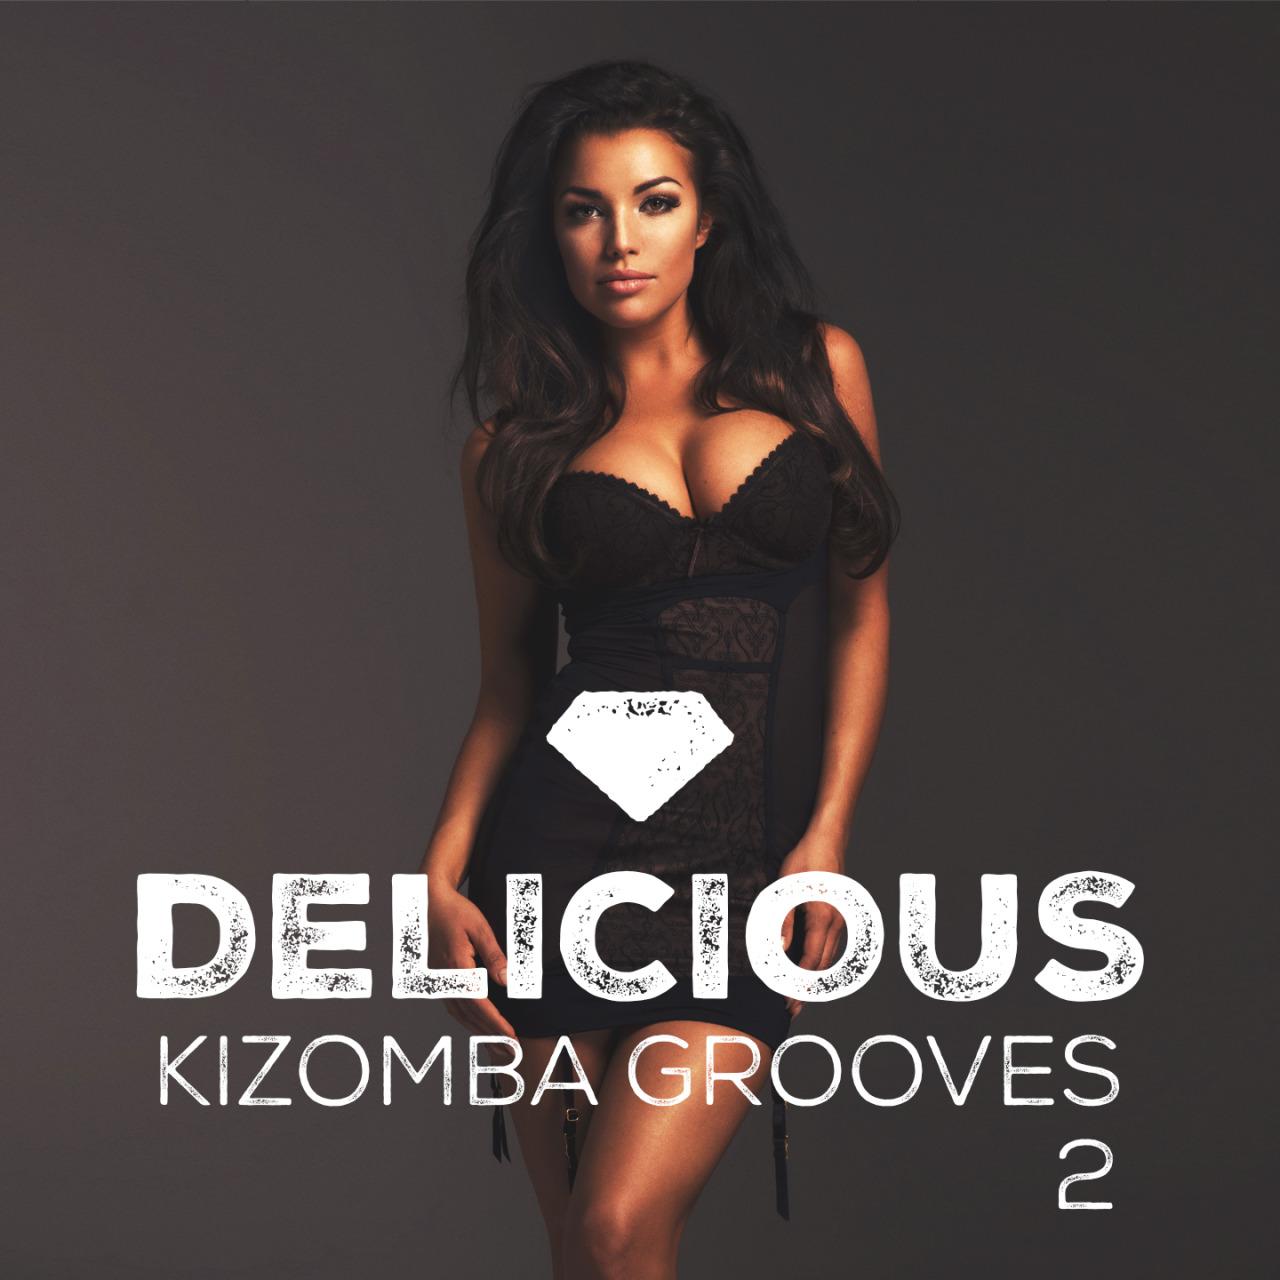 Kizomba Grooves